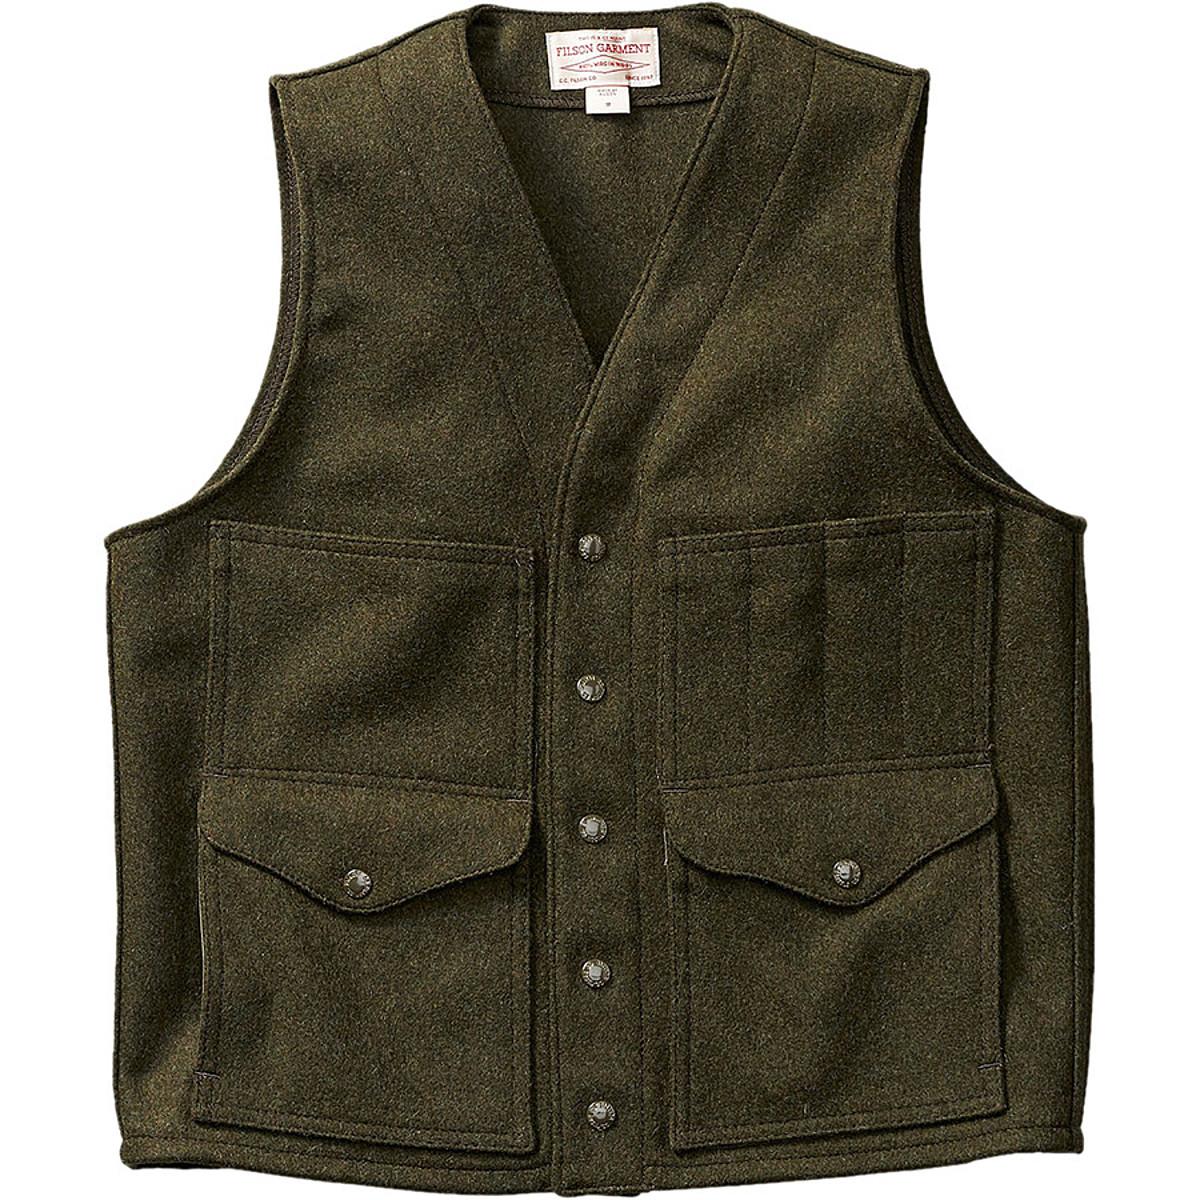 Filson Cruiser Mackinaw Wool Vest